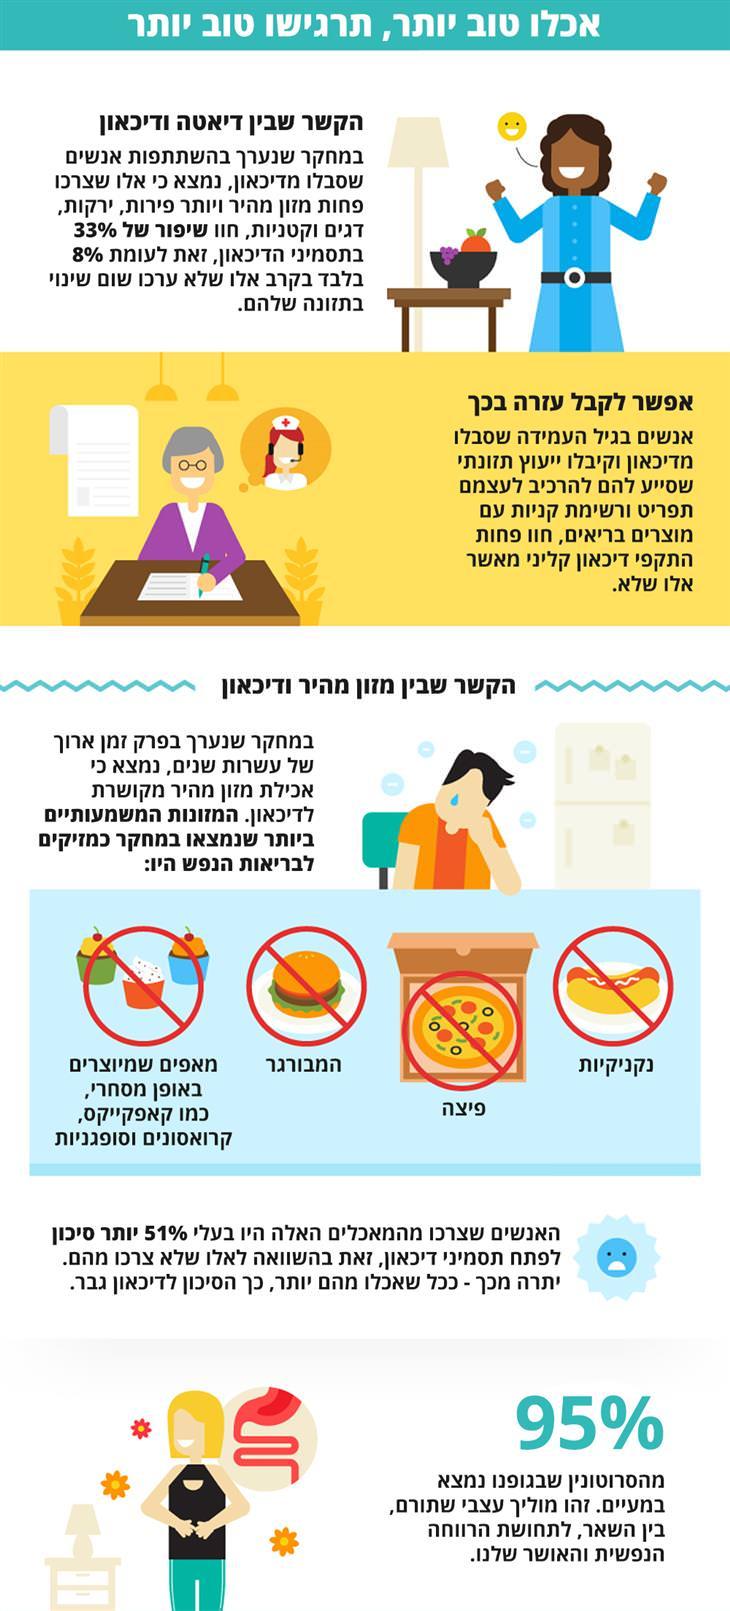 מדריך התזונה המלא לשמירה על נפש בריאה: אכלו טוב יותר, תרגישו טוב יותר